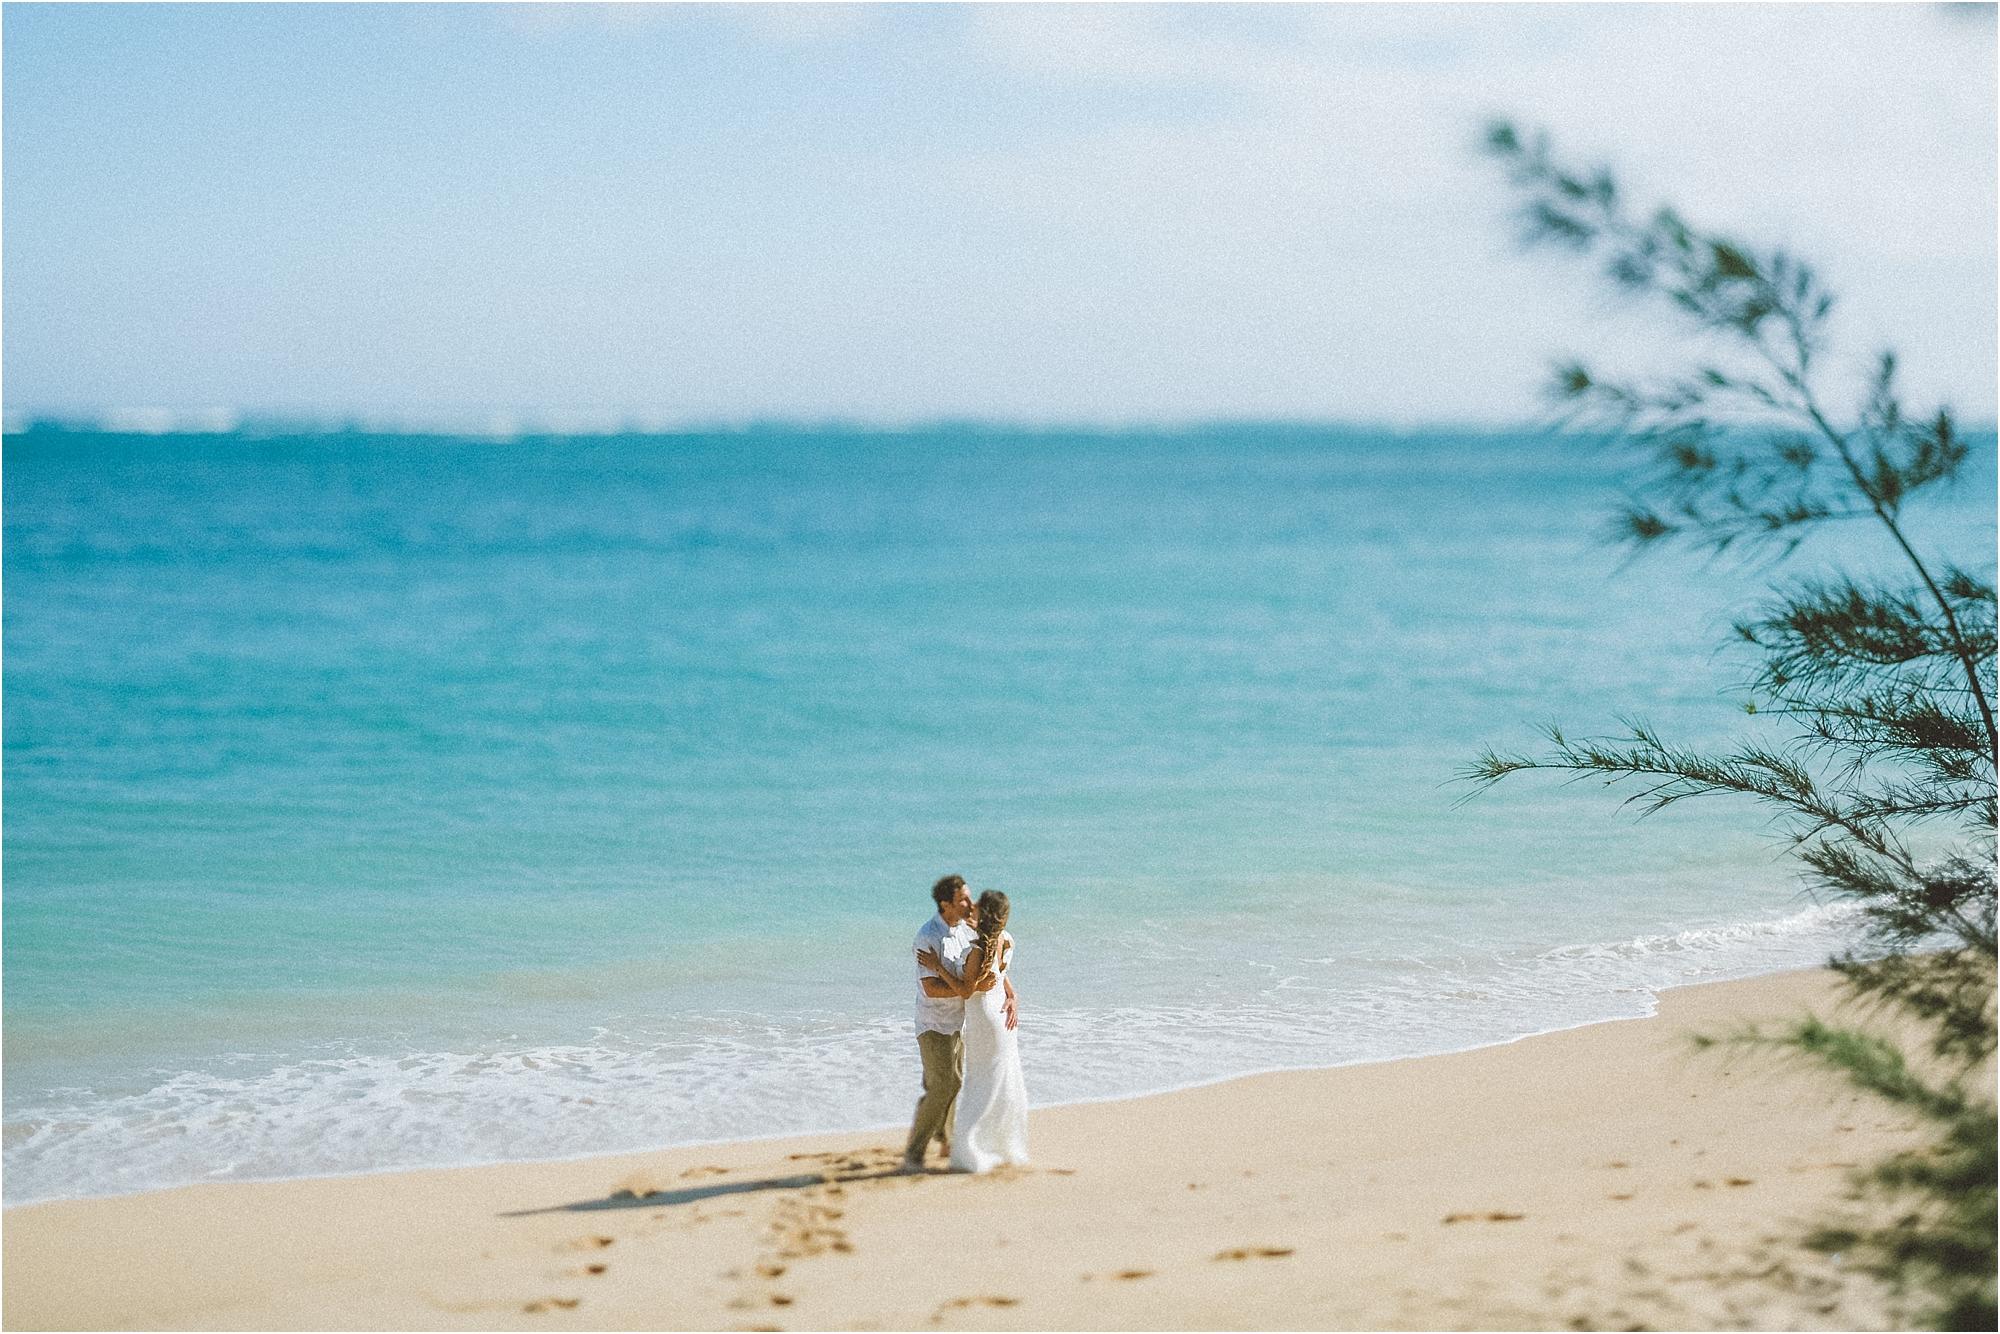 angie-diaz-photography-maui-honeymoon-photographer_0009.jpg